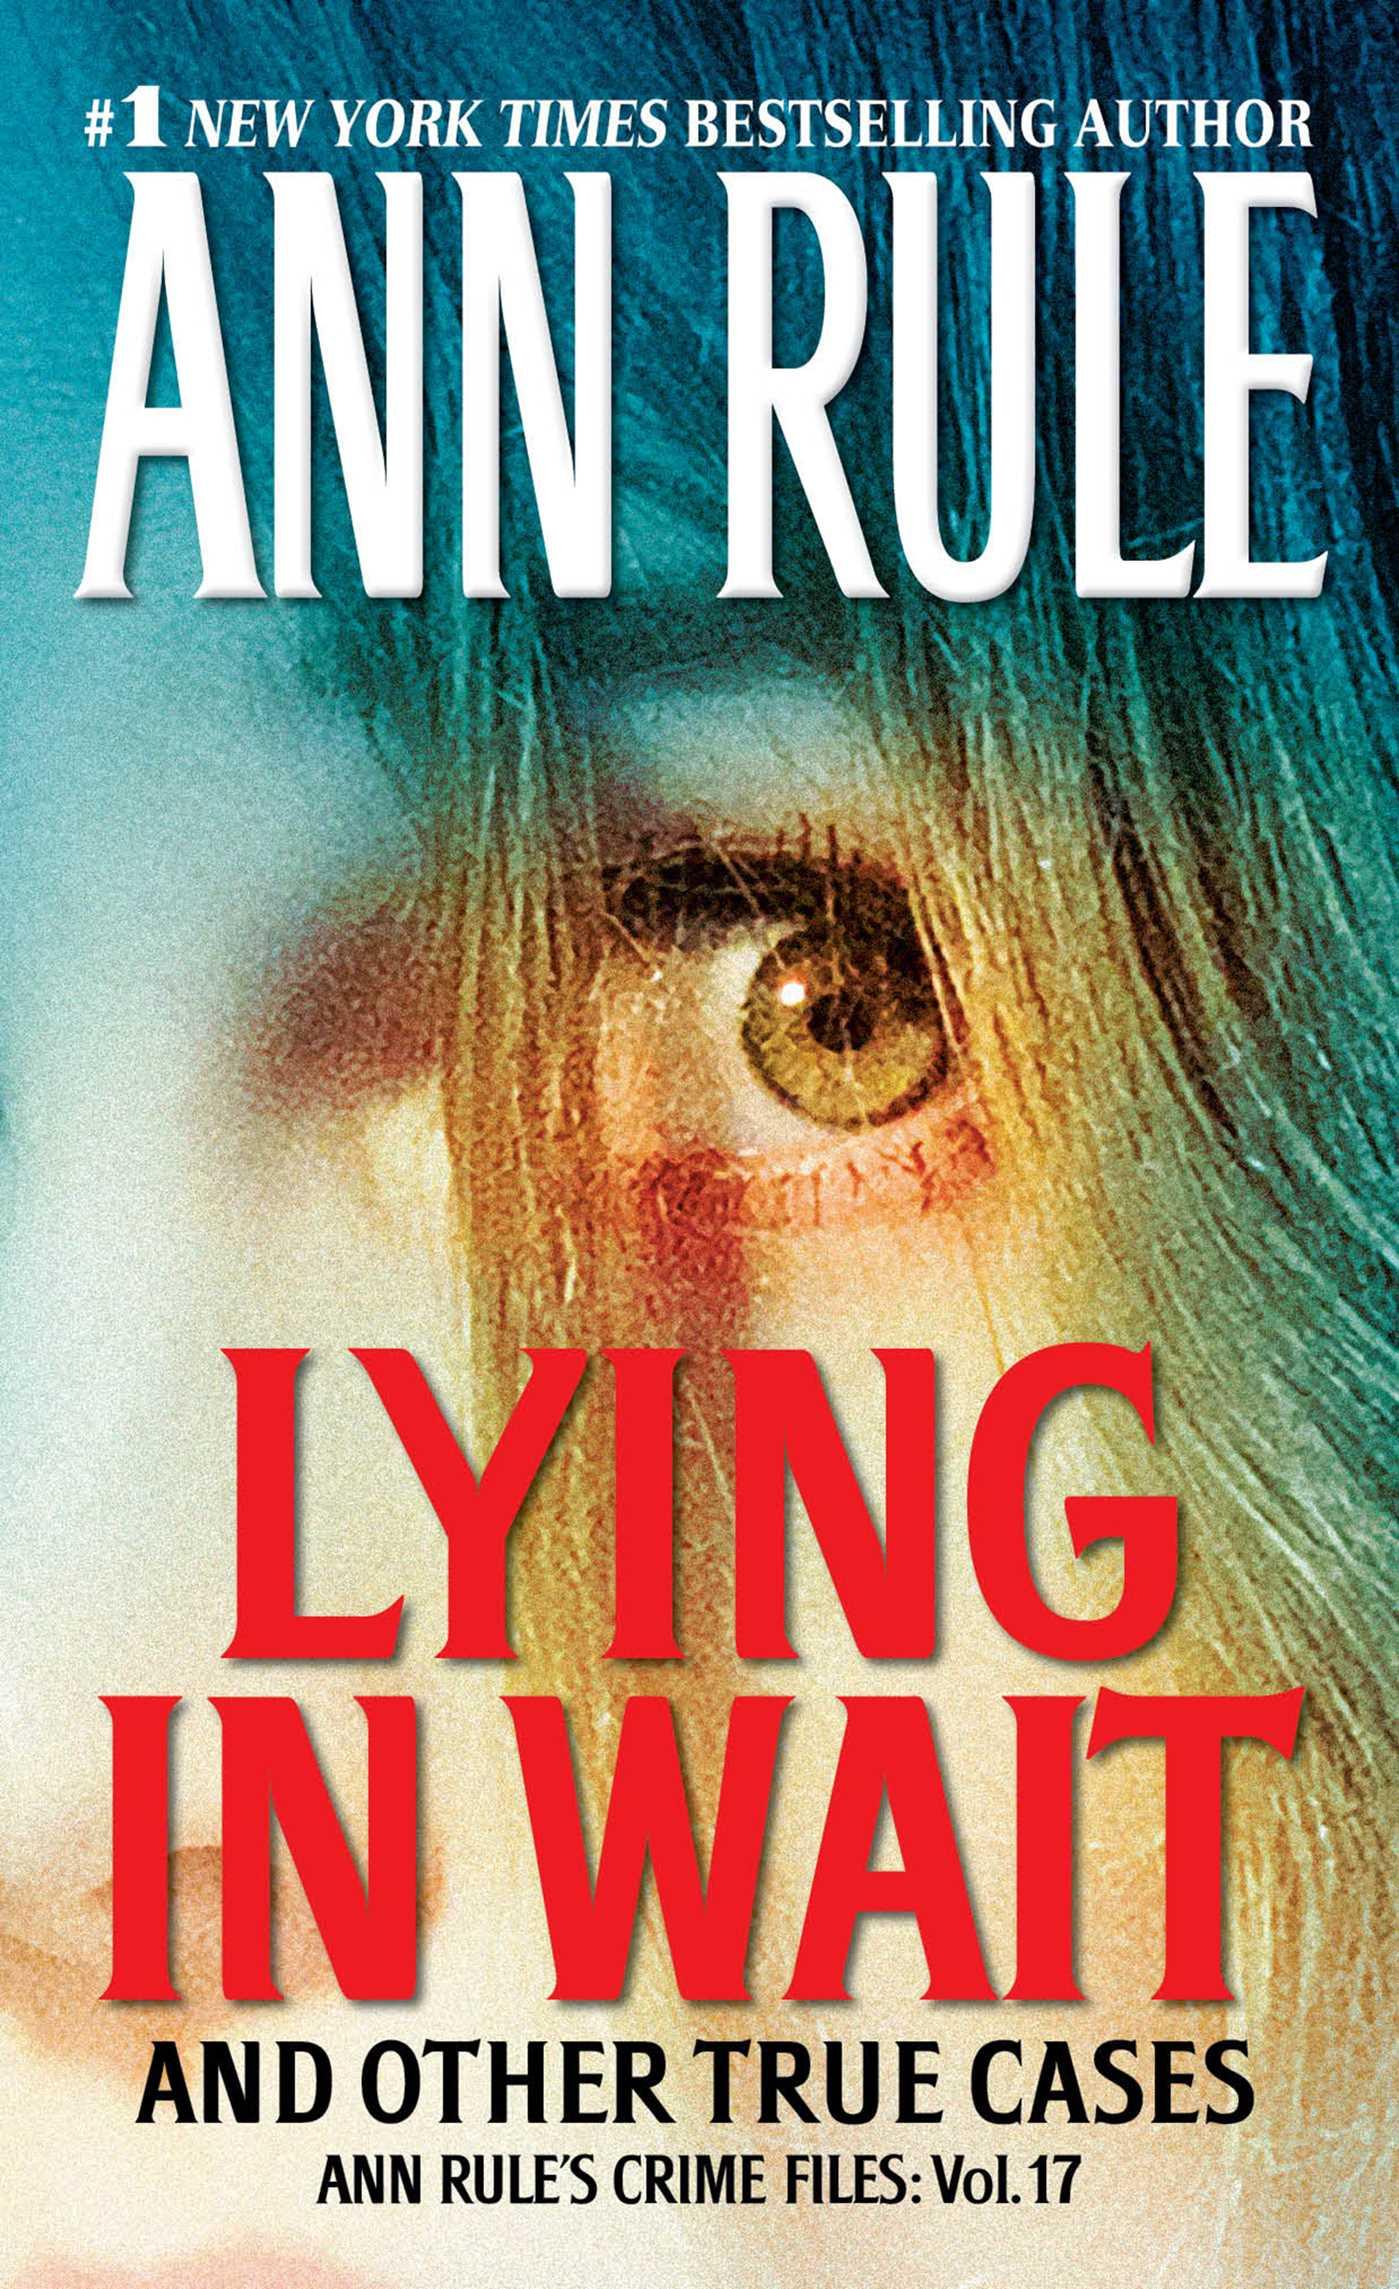 Lying in wait 9781451648294 hr